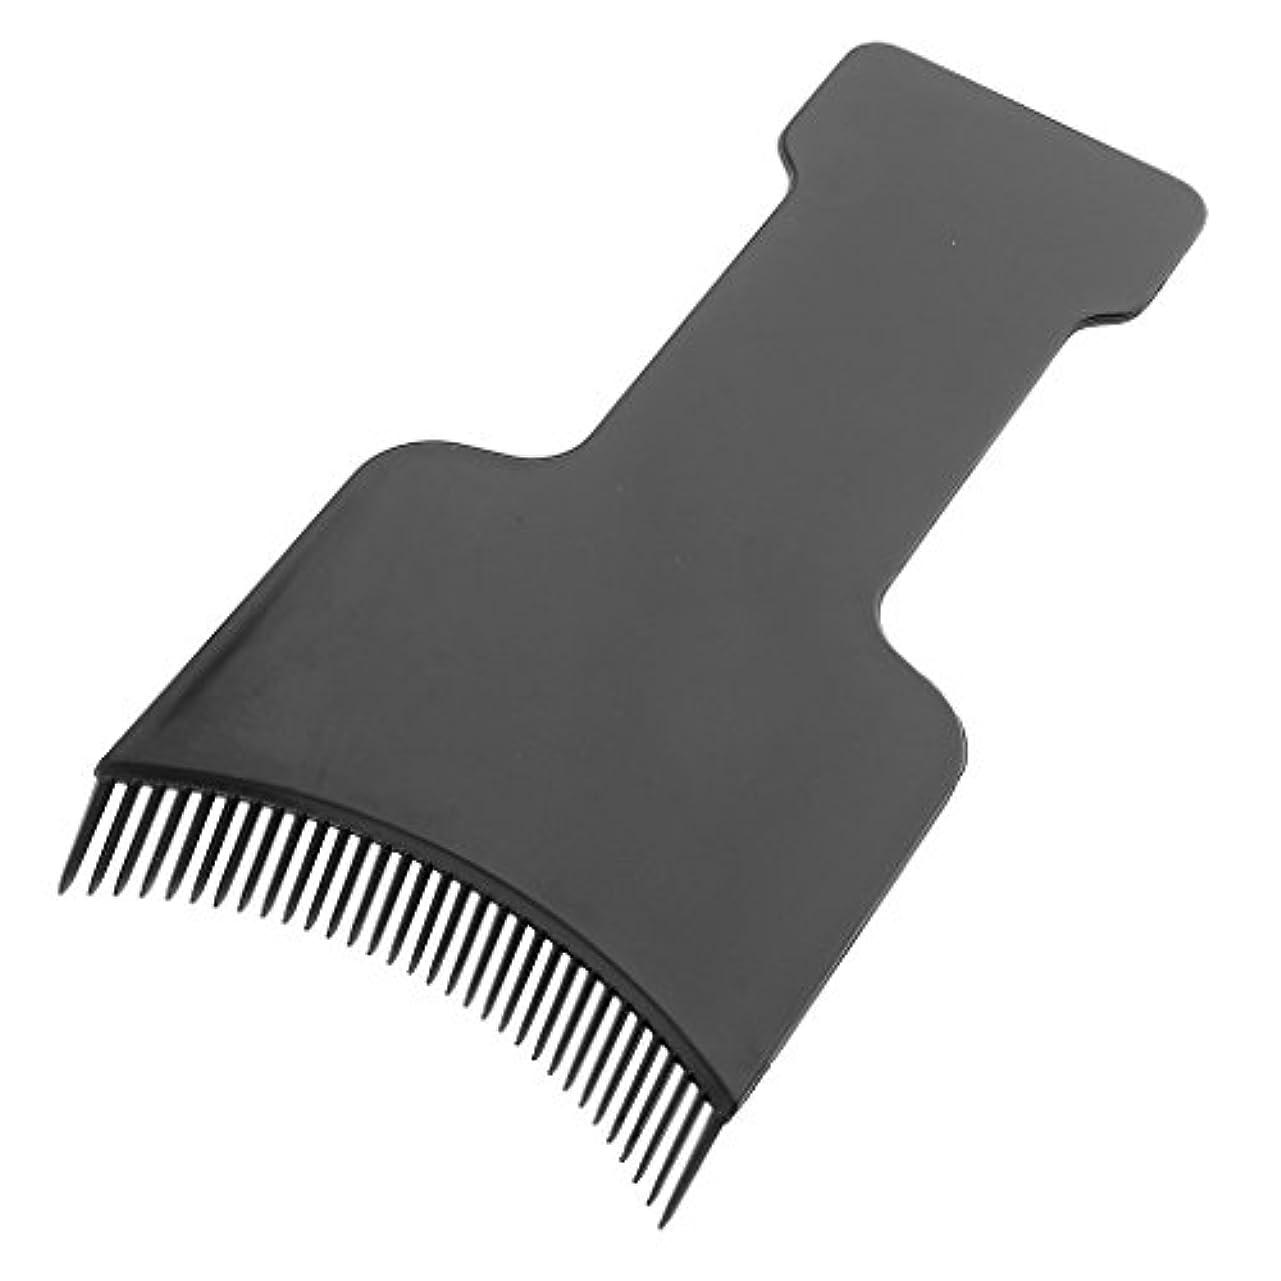 者石有料ヘアカラーボード サロン ヘアカラー 美容 ヘア ツール 髪 保護 ブラック 全4サイズ - S